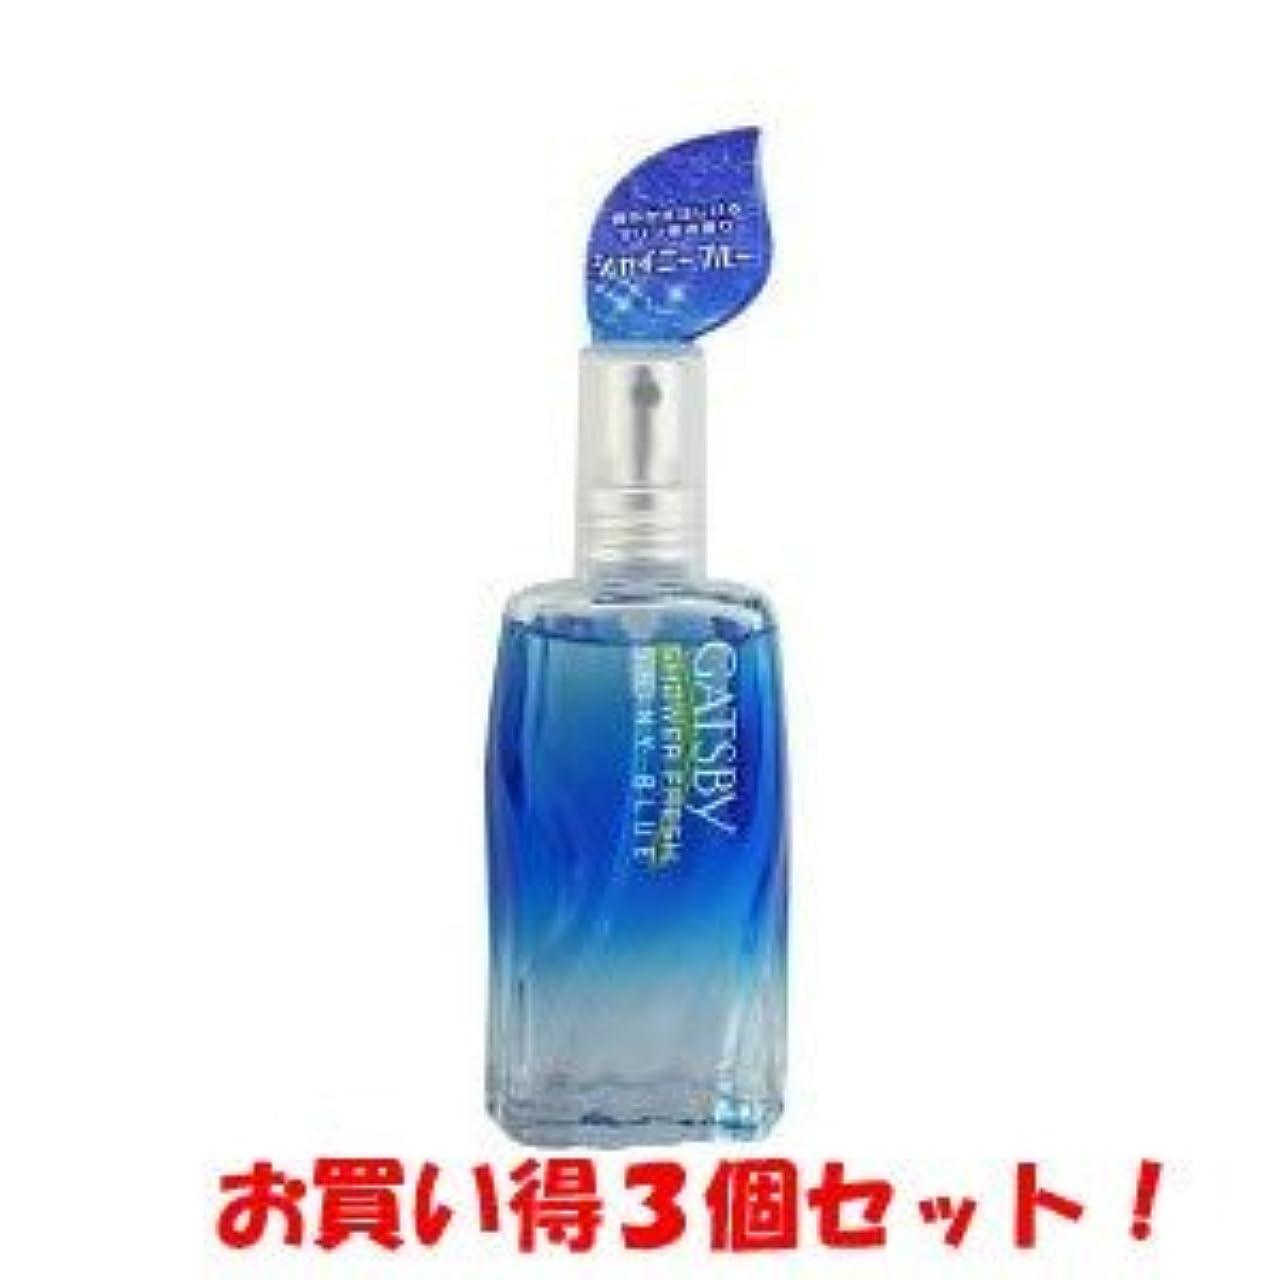 政令サバント関税ギャツビー【GATSBY】シャワーフレッシュ シャイニーブルー 60ml(お買い得3個セット)